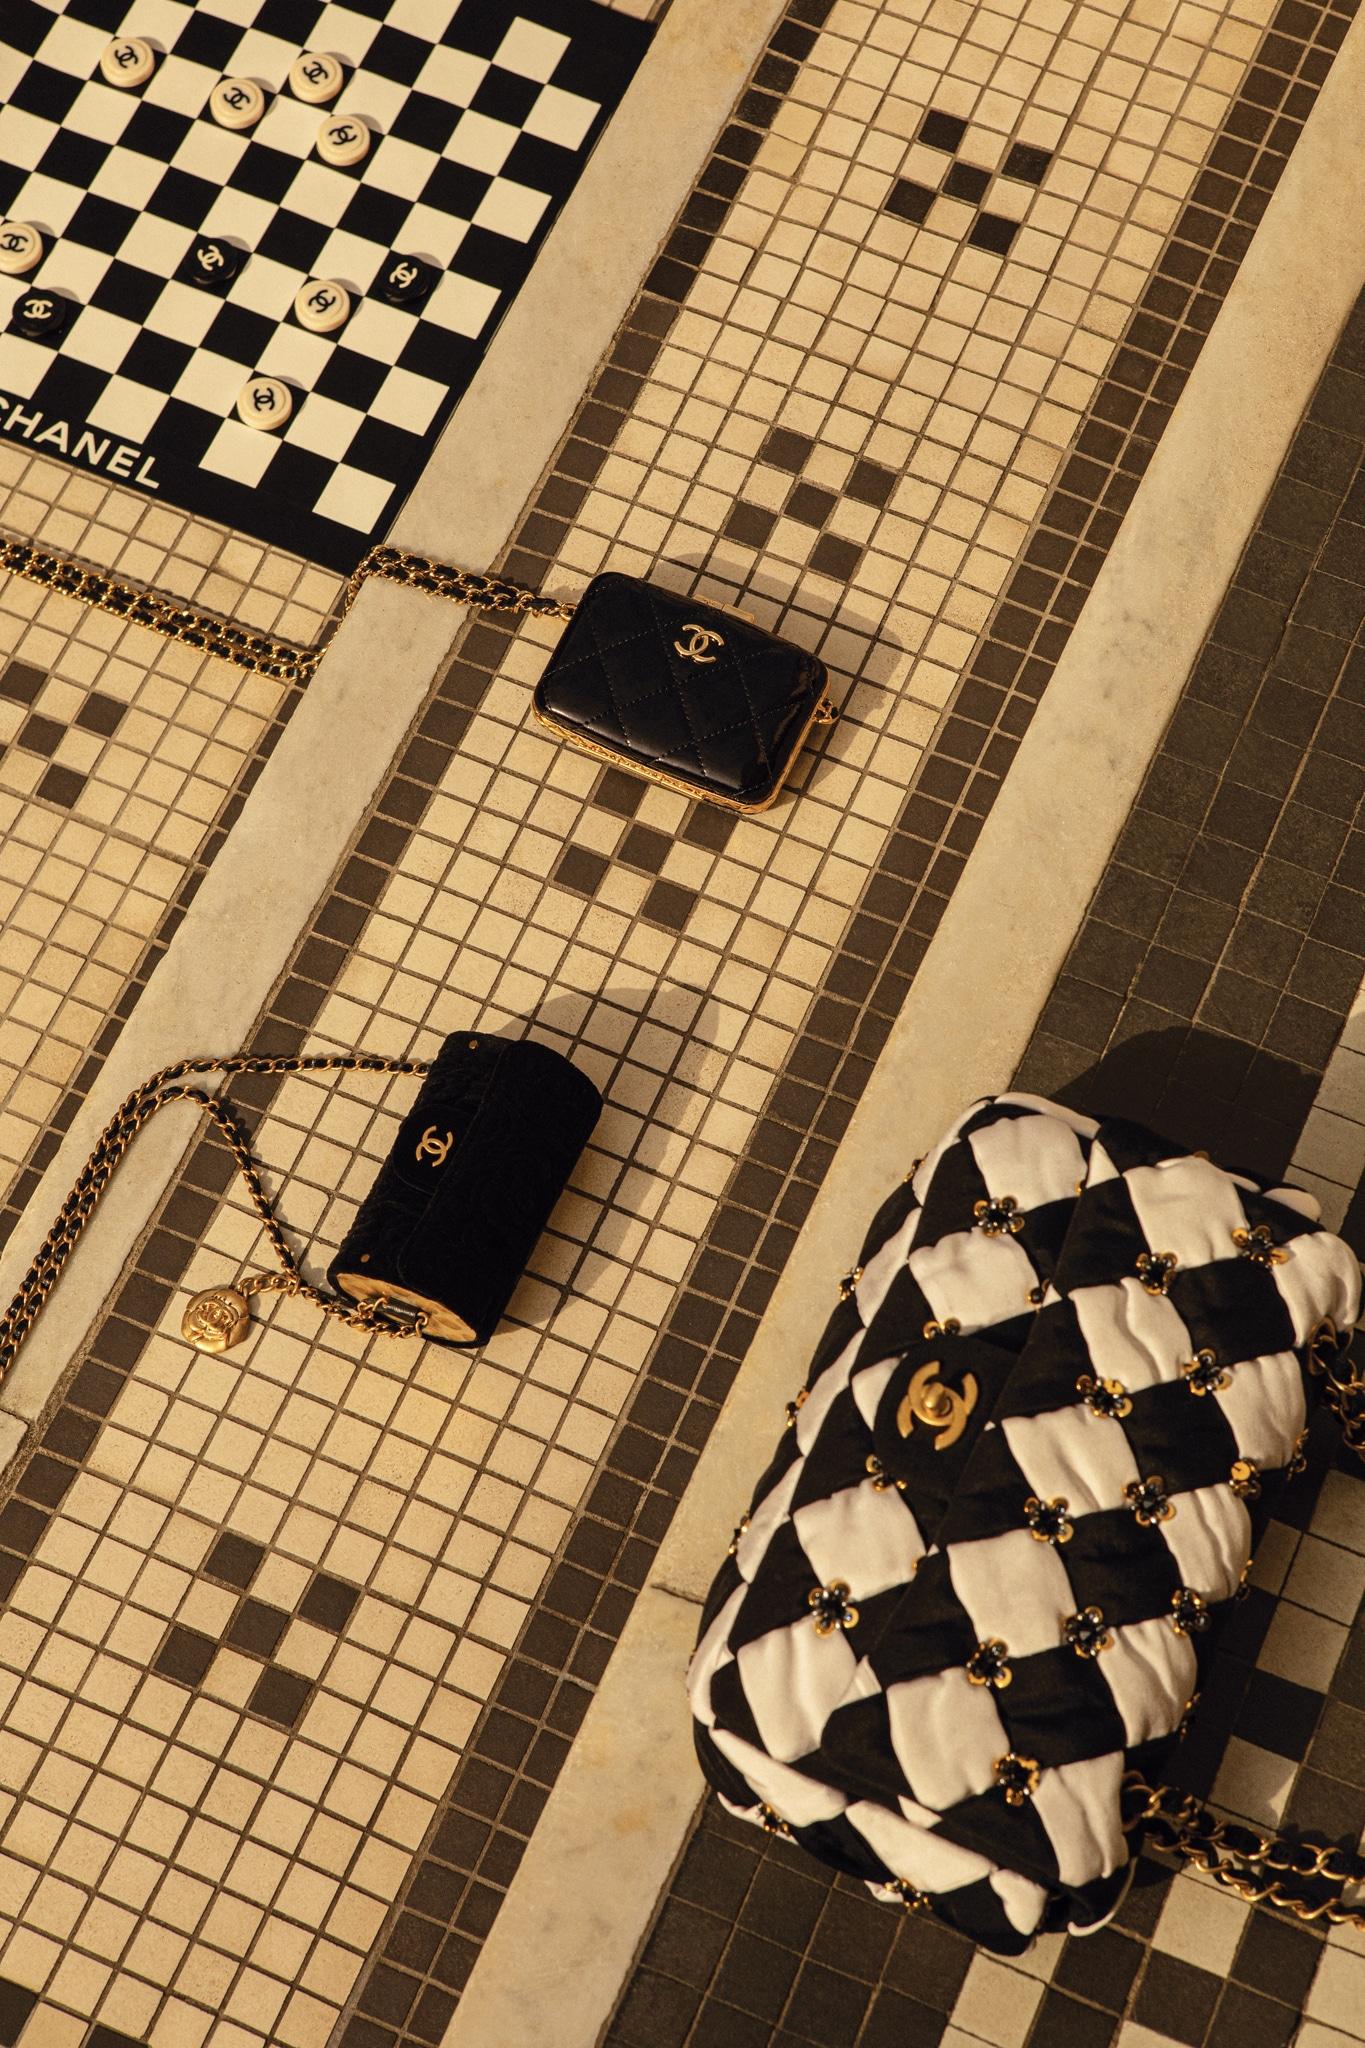 Mini tracolle con catena, in vernice (2.020 €) e velluto(2.020 €), borsa in seta ricamata e trapuntata(9.180 €), scacchiera arrotolabile (5.000 €). Tutto CHANEL. Tutte le immagini della gallery sono di Kenny Whittle.